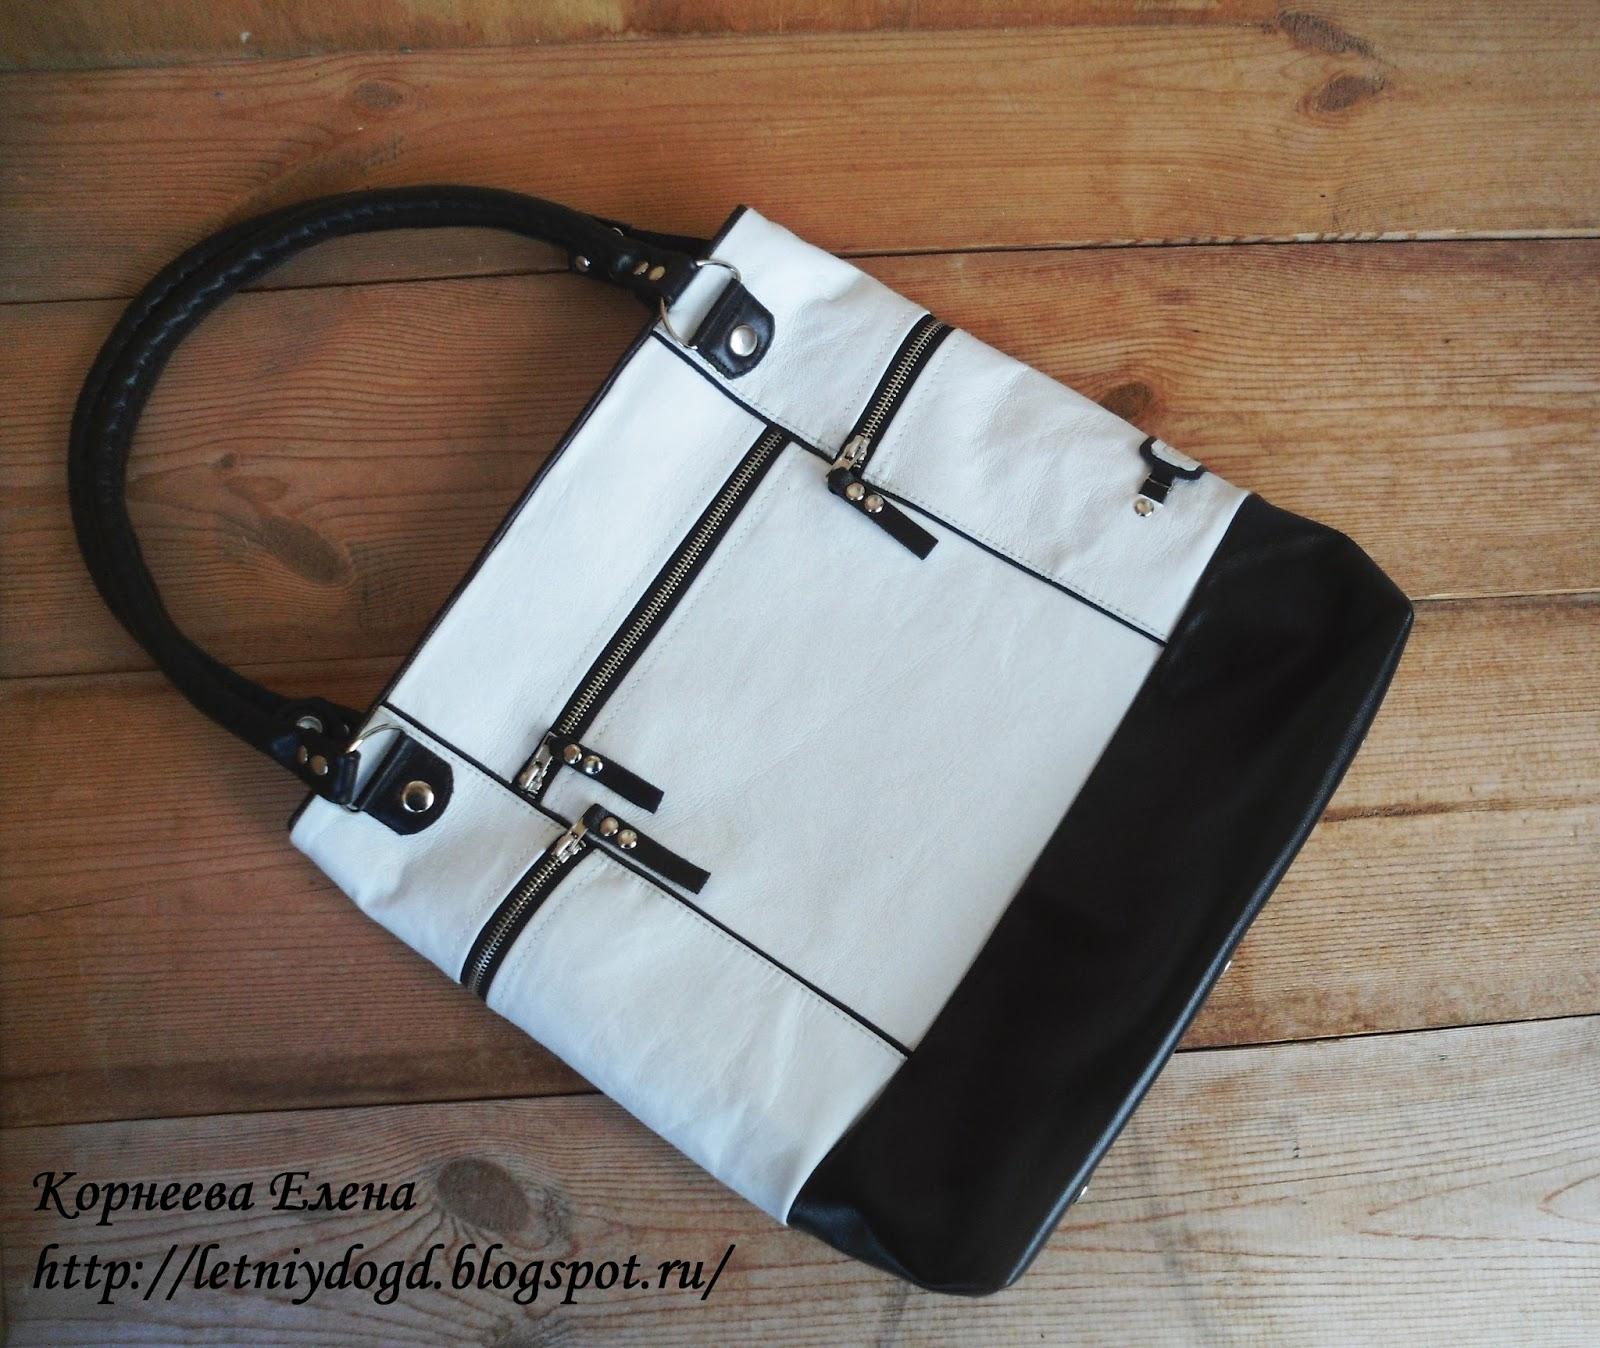 кожаная женская черно-белая сумка